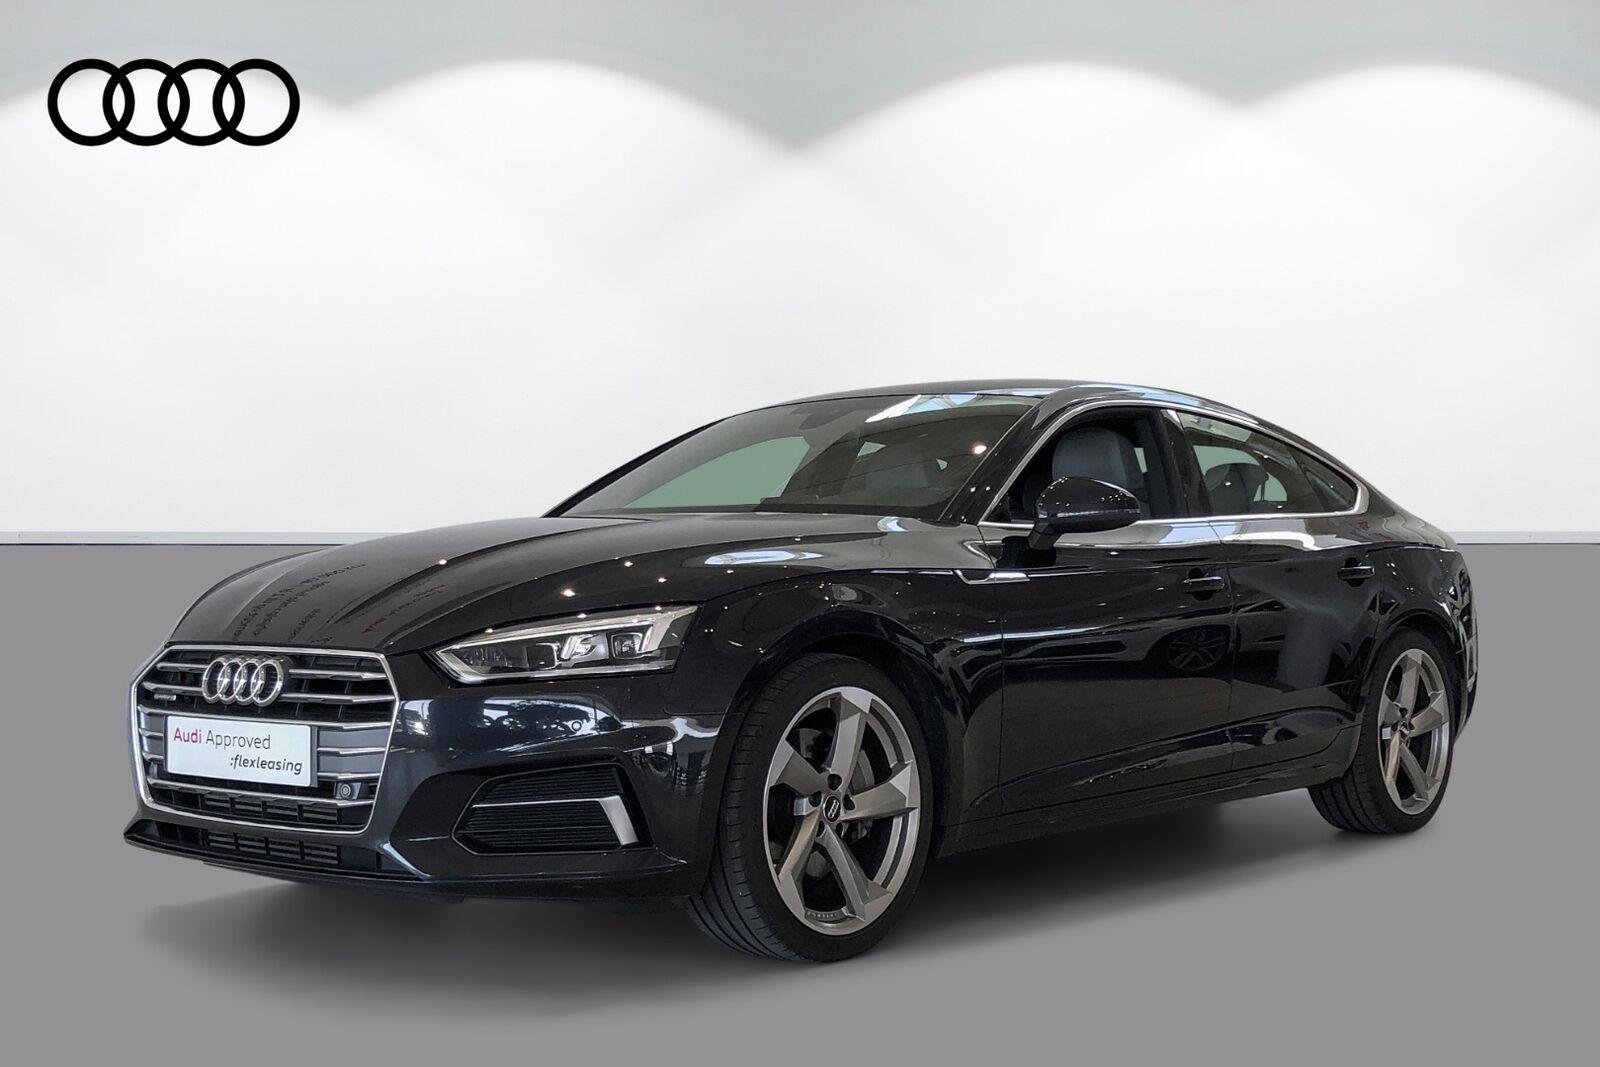 Audi A5 2,0 TFSi 252 Sport SB quat. S-tr. 5d - 484.900 kr.